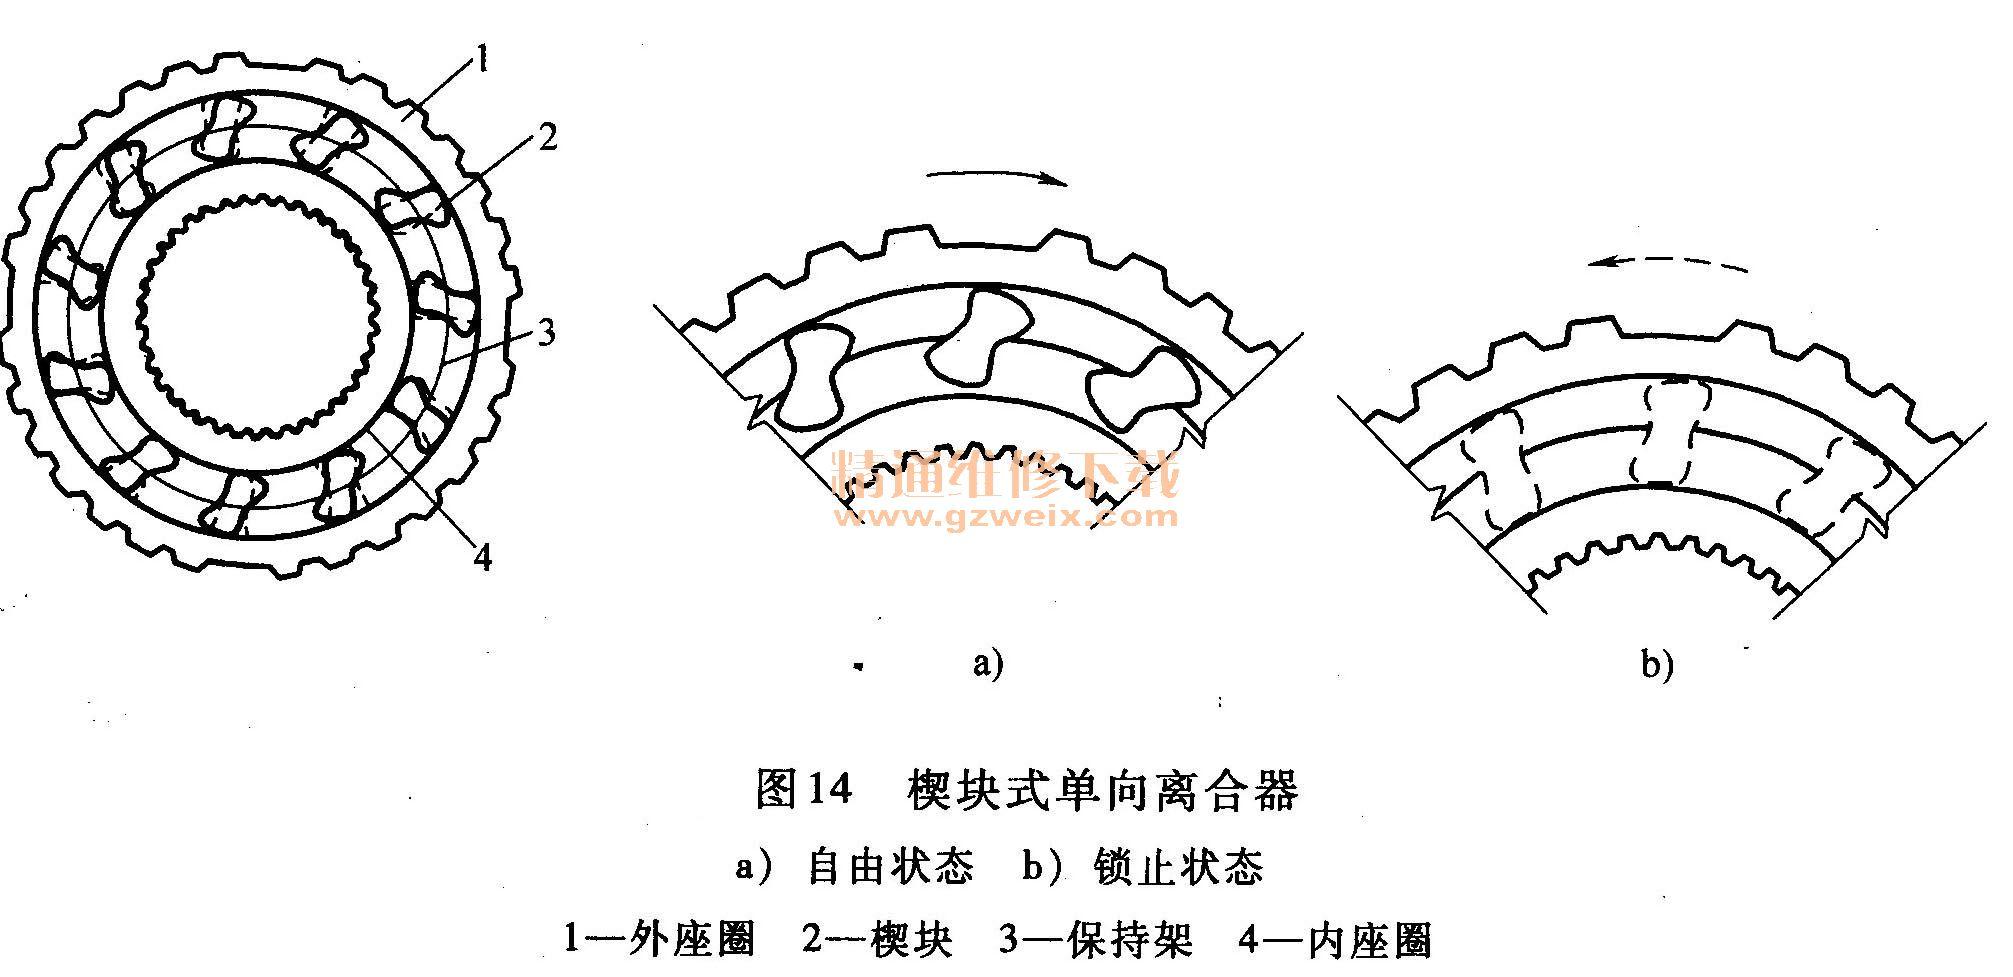 简笔画 设计 矢量 矢量图 手绘 素材 线稿 2013_977